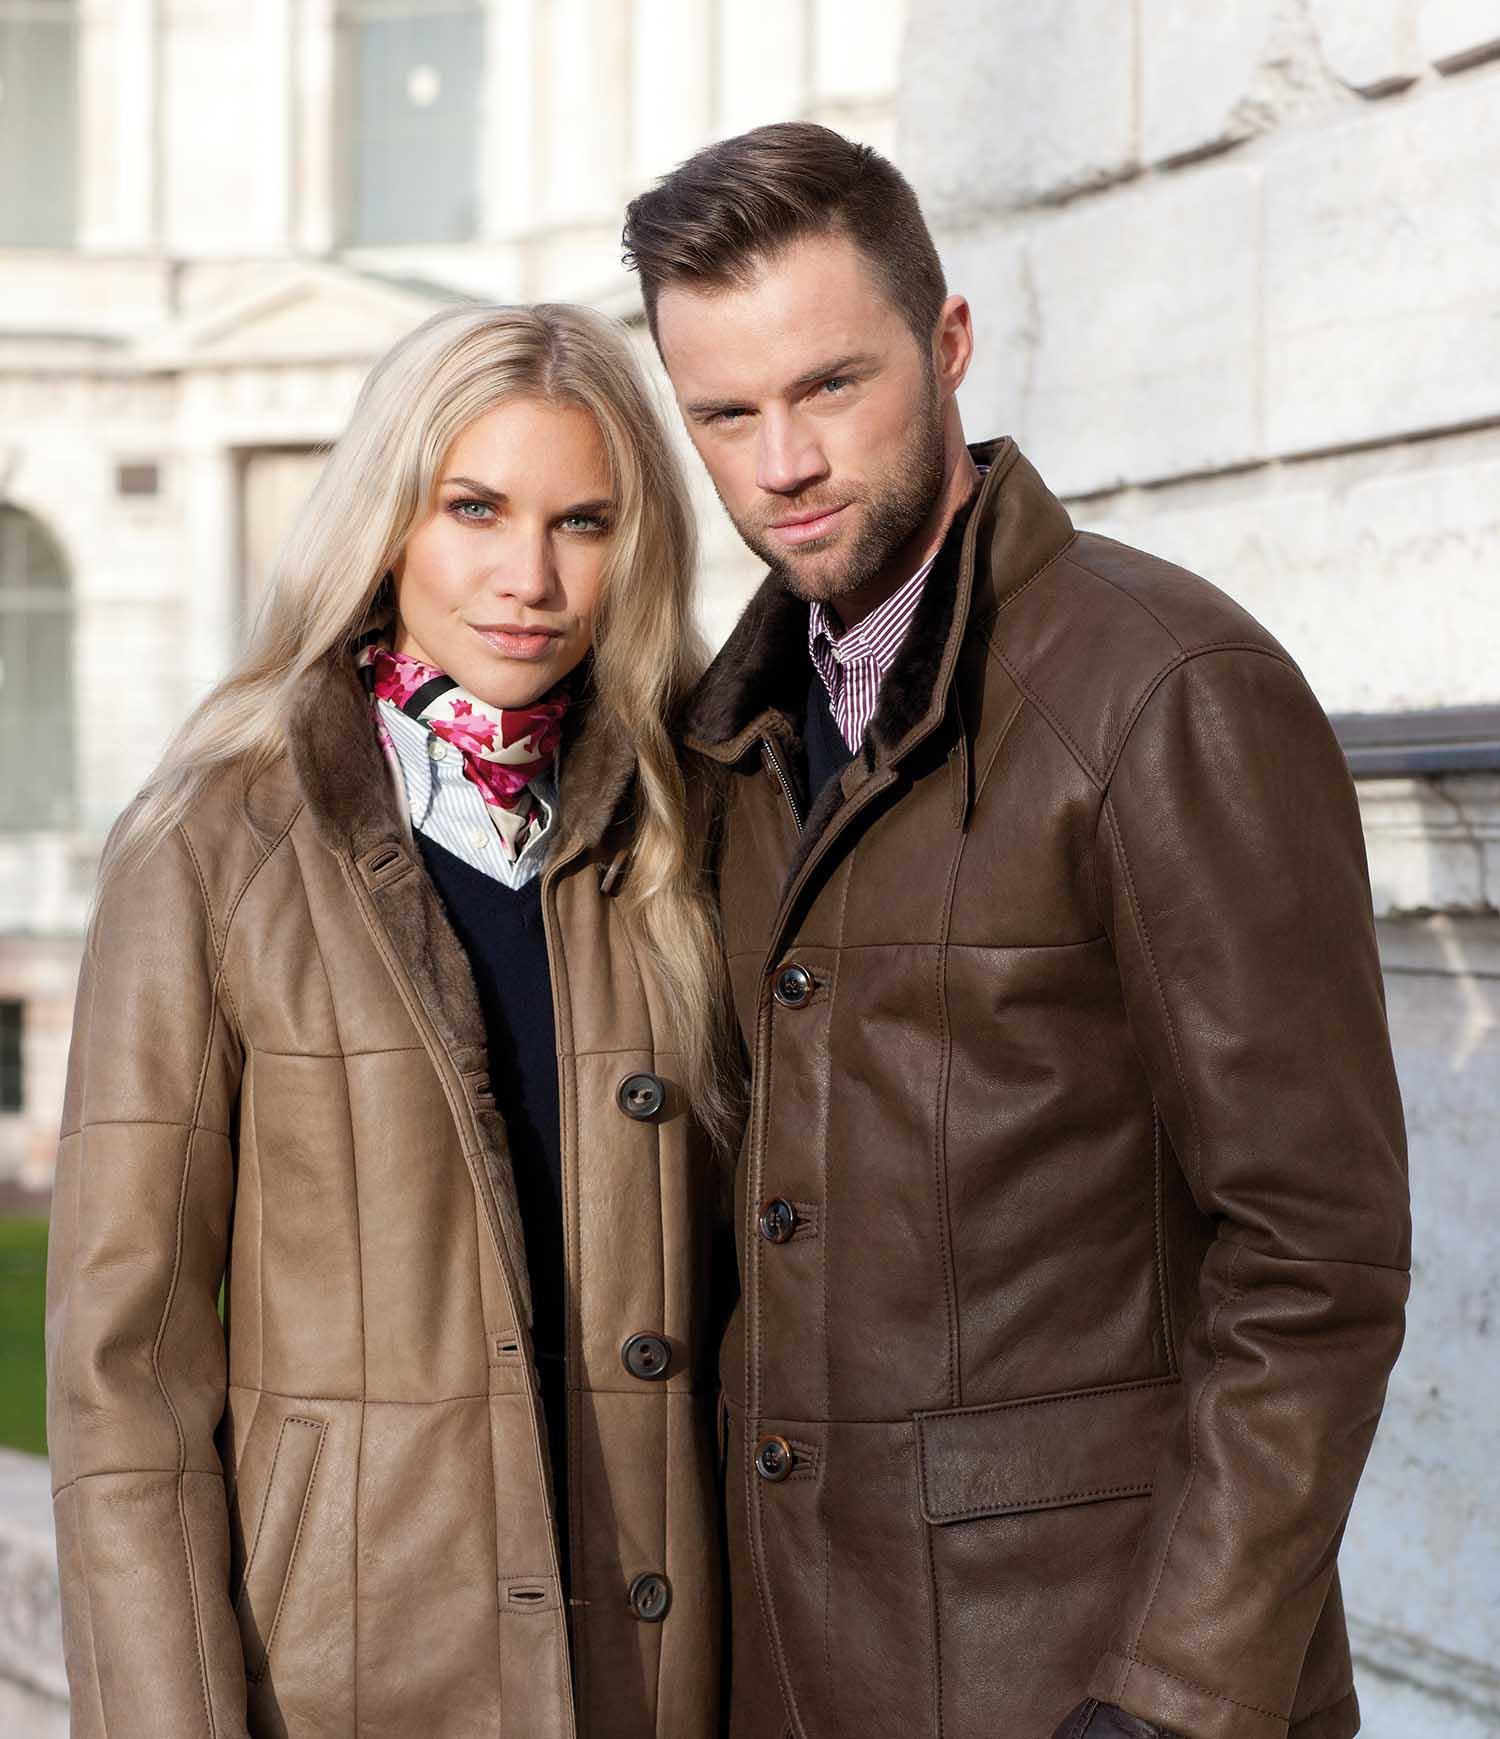 pat-flesher-furs-leather-beige-brown-men-women.jpg